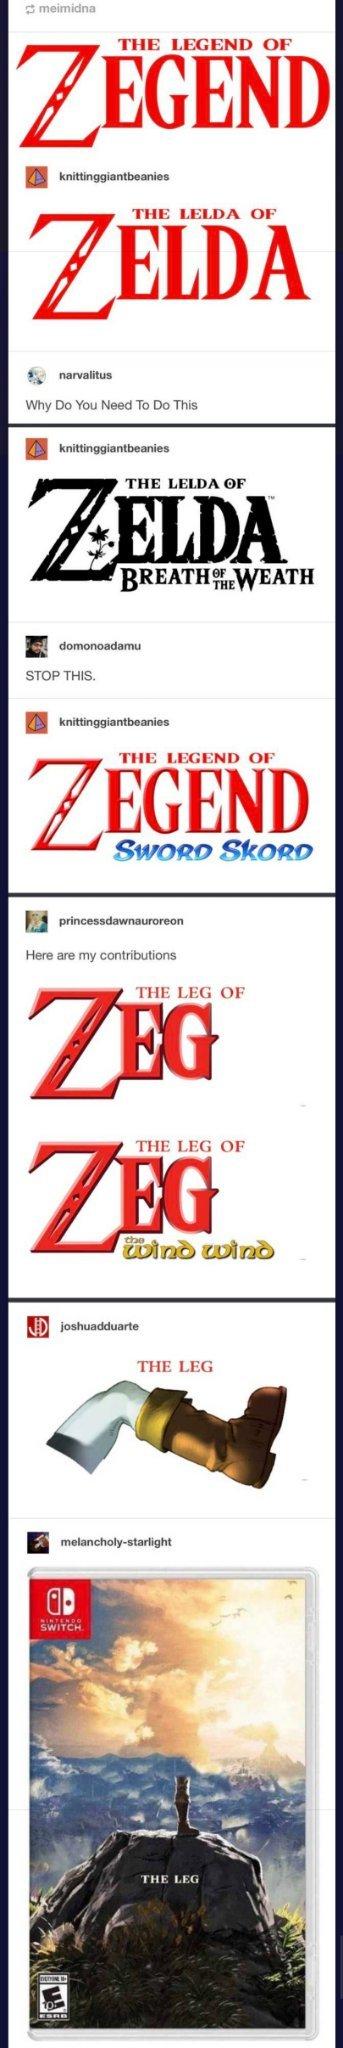 The leg - meme